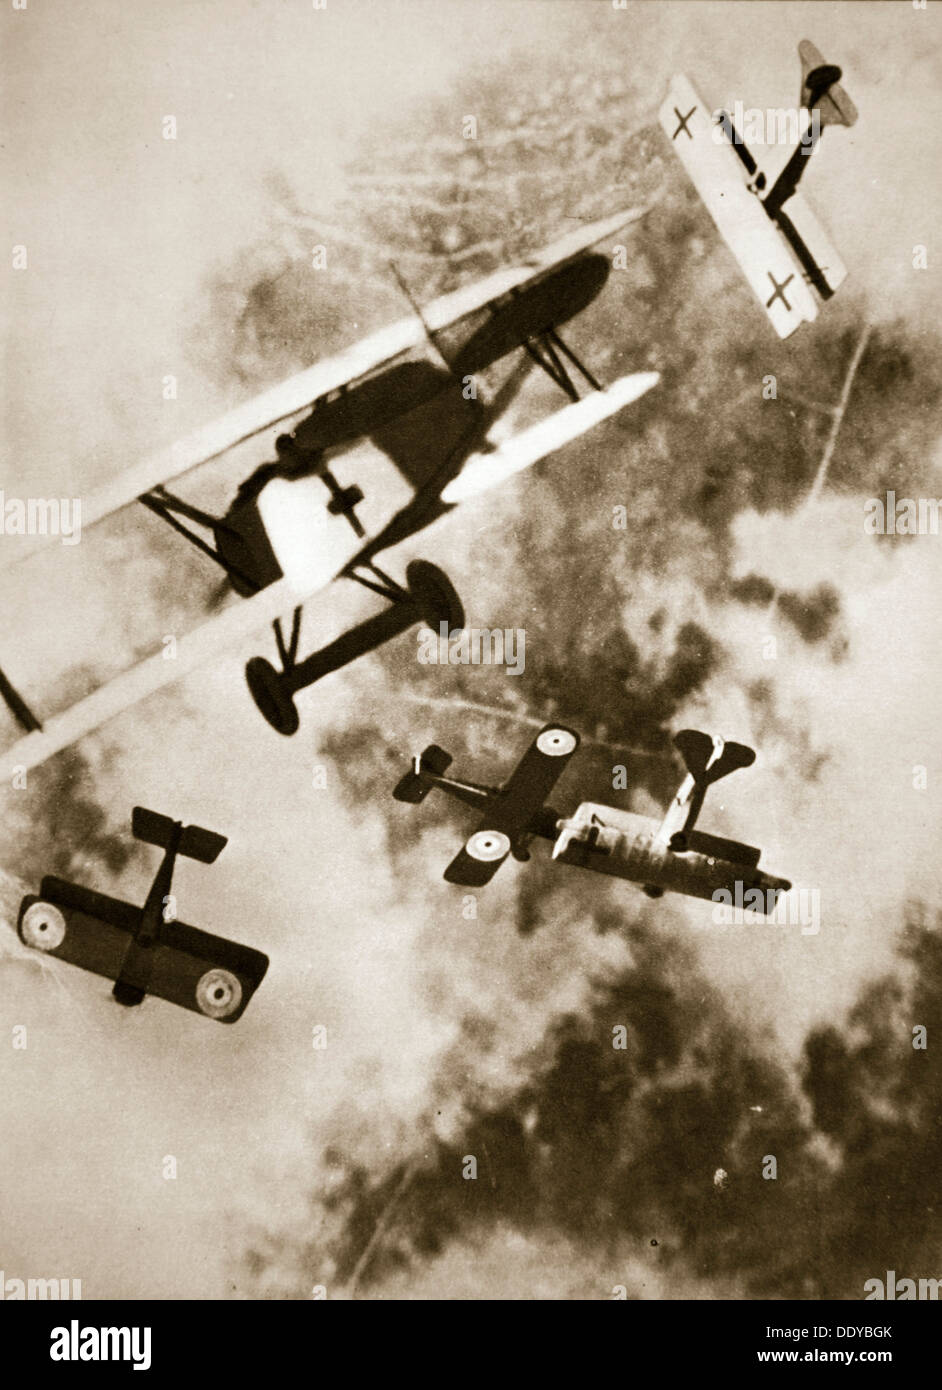 Luftkampf zwischen britischen und deutschen Flugzeuge, Weltkrieg, c1916-c1918. Künstler: unbekannt Stockfoto